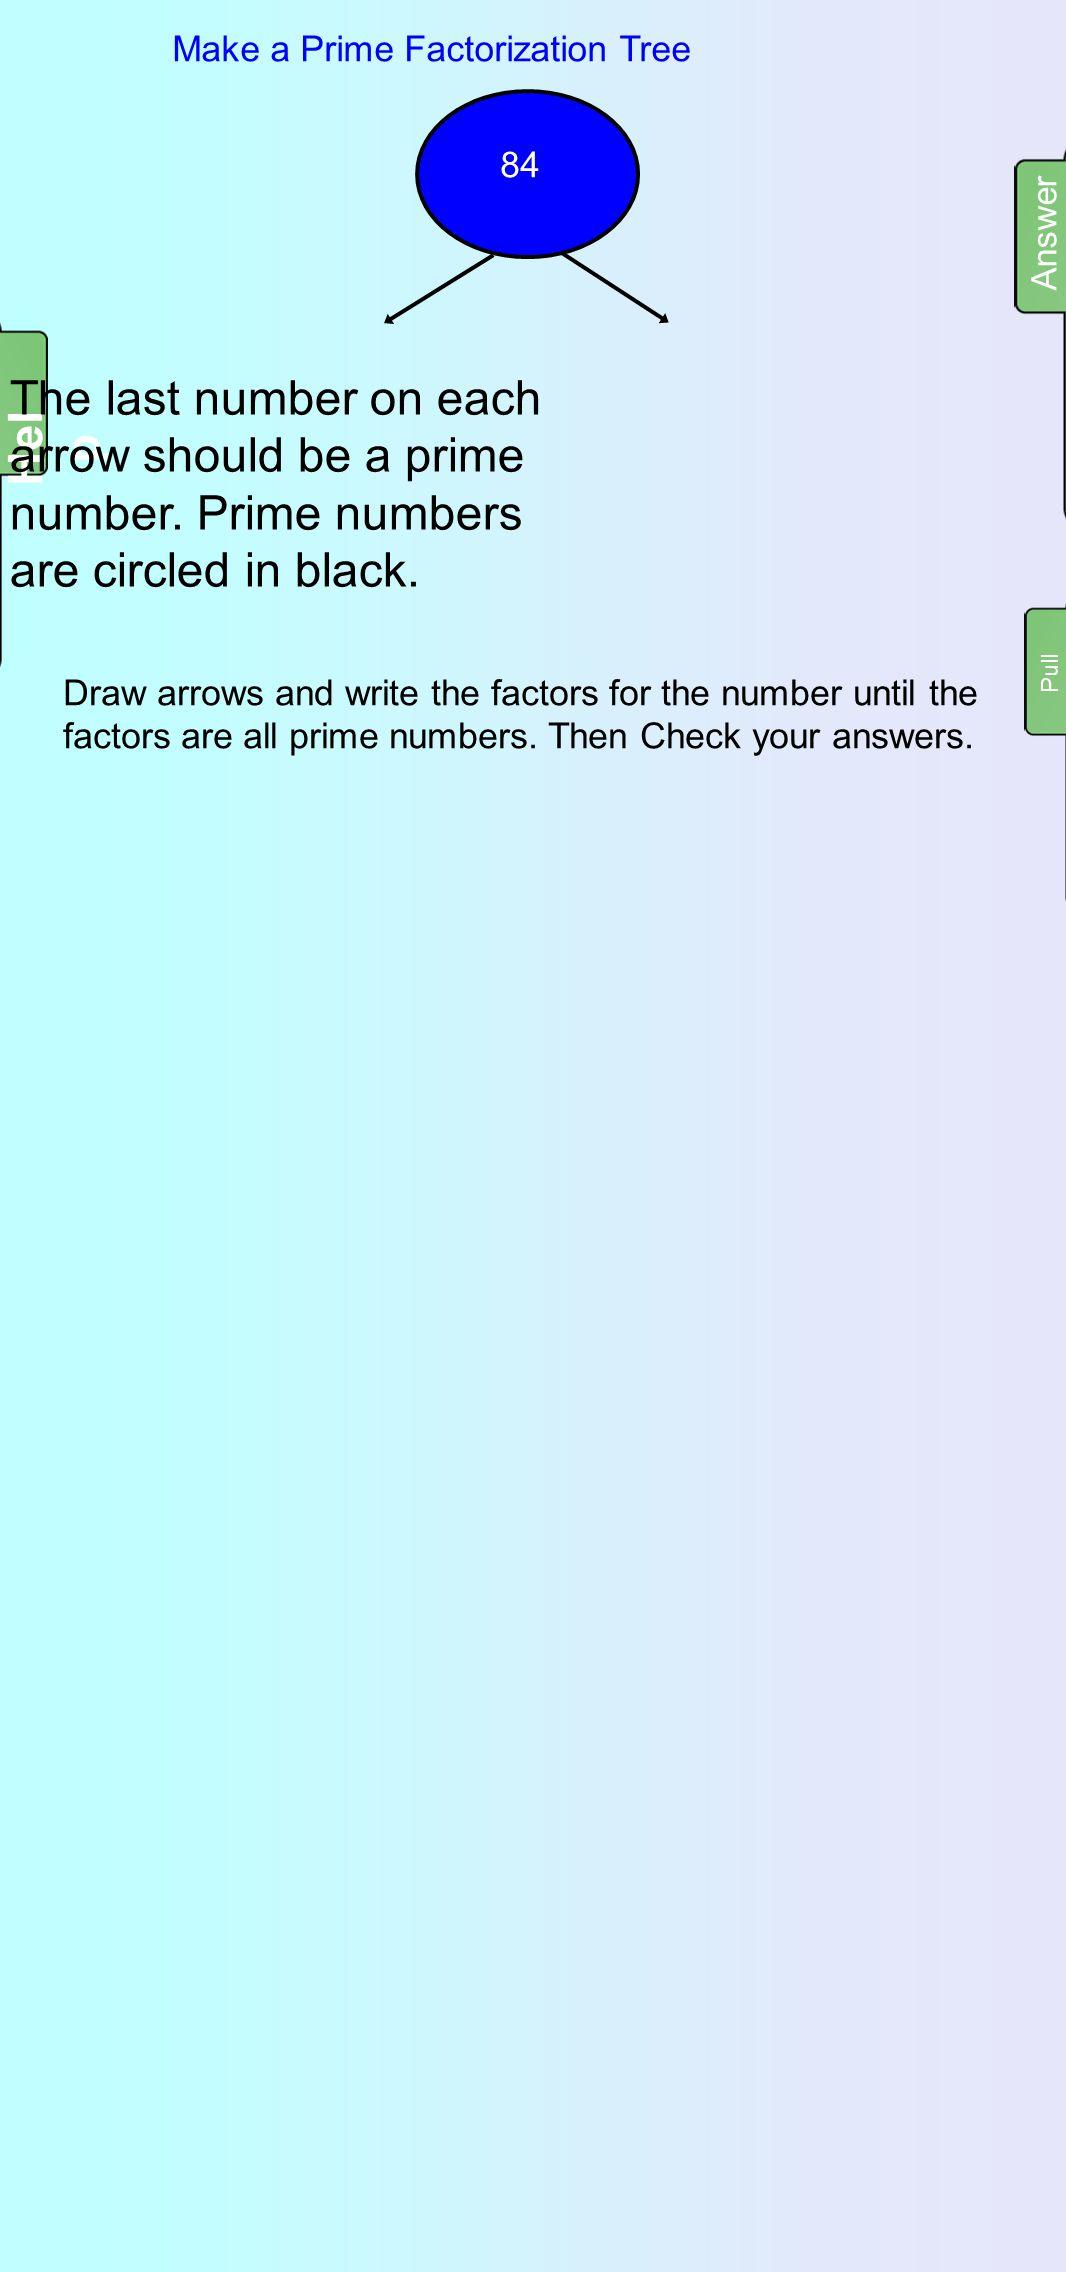 Make a Prime Factorization Tree